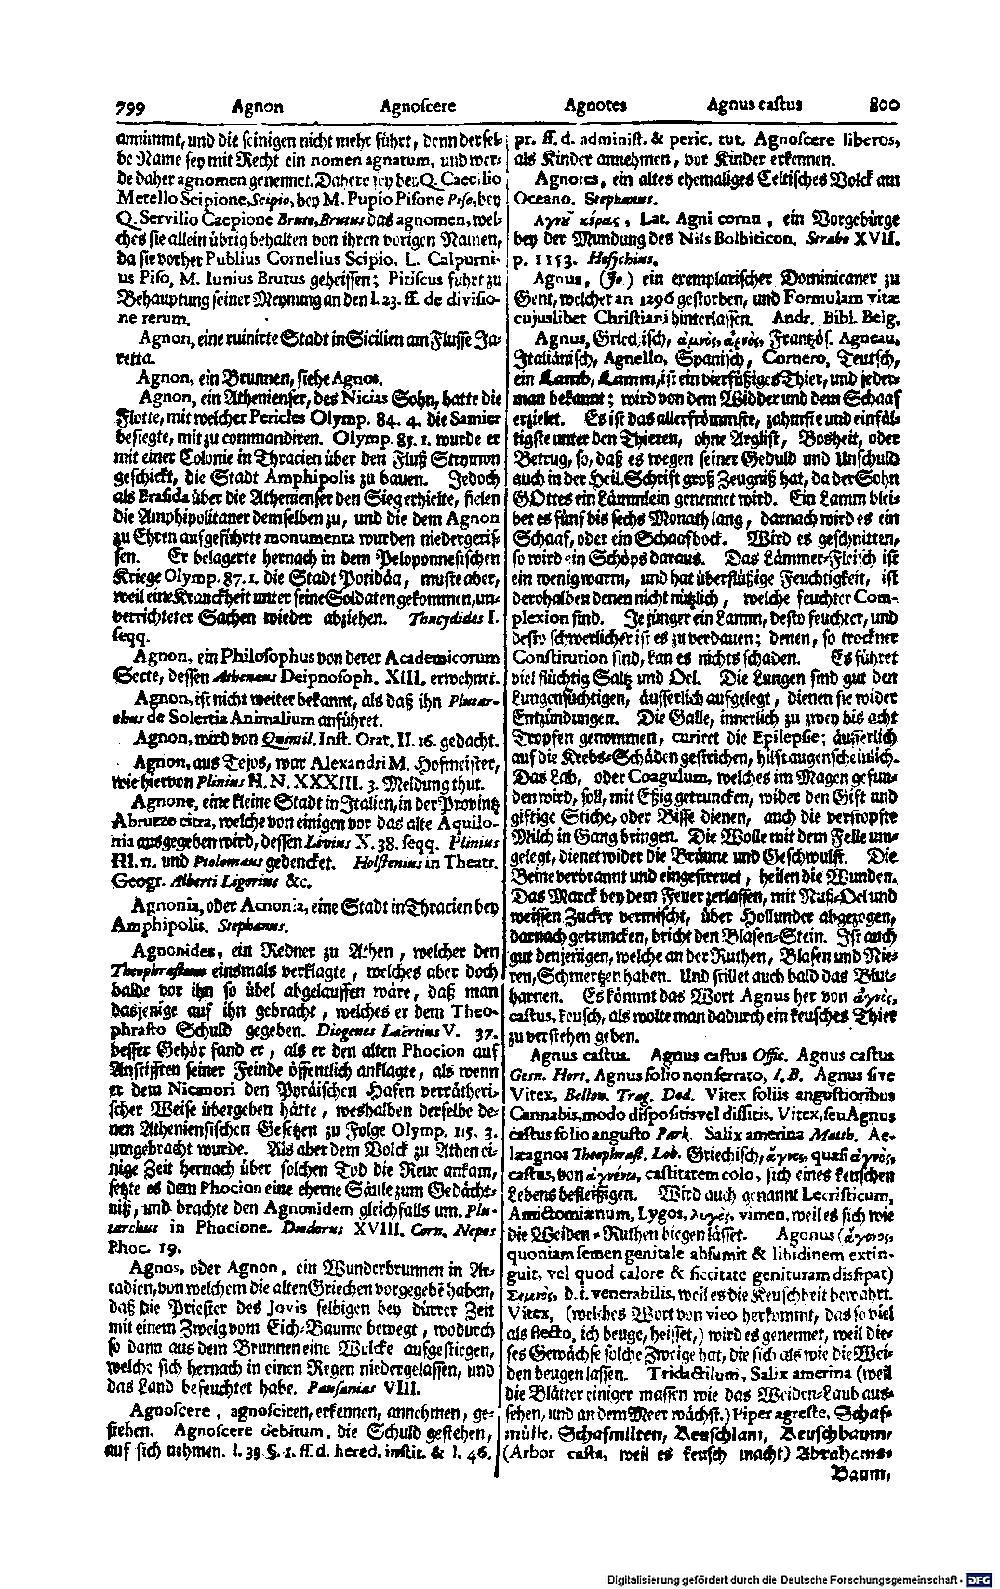 Bd. 01, Seite 0439.